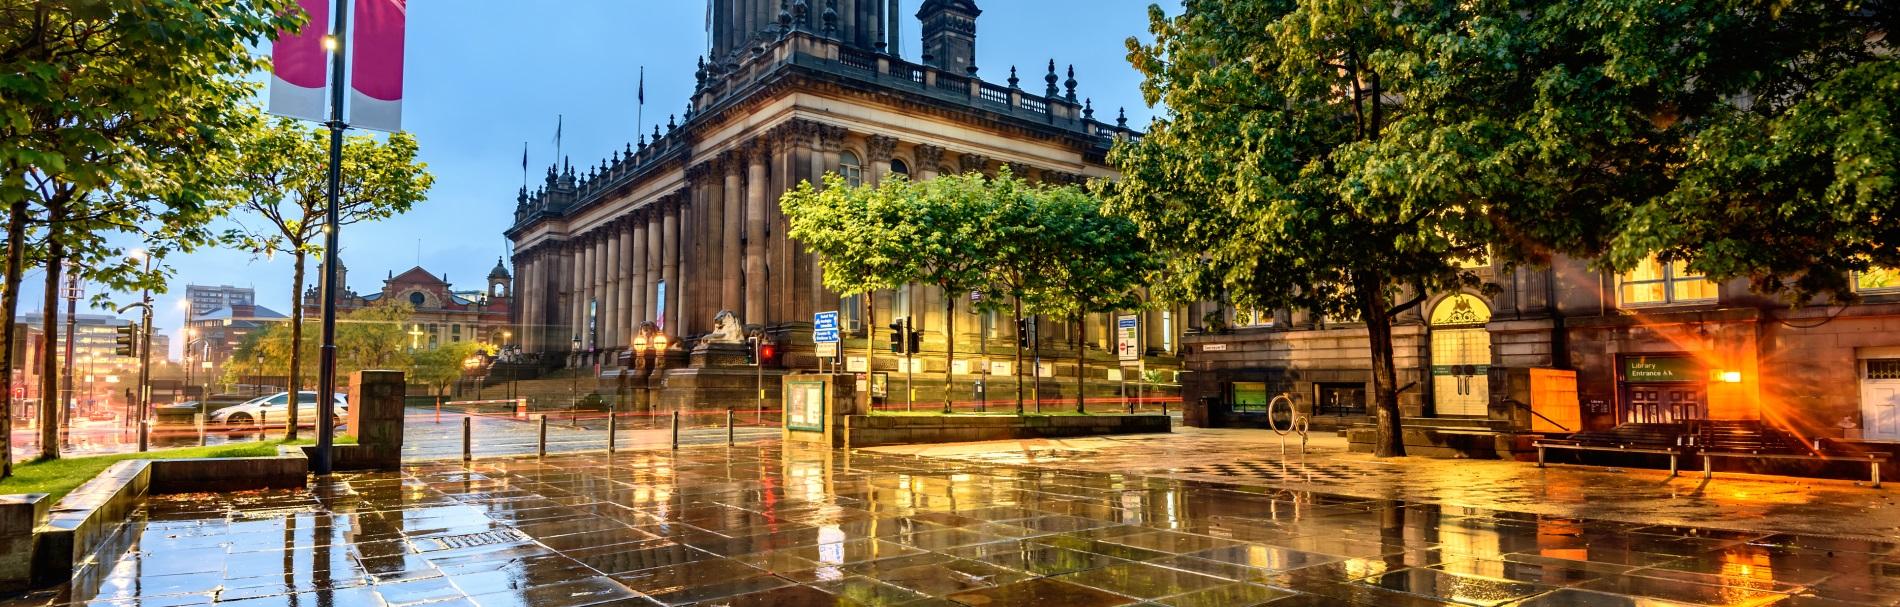 Leeds city breaks header